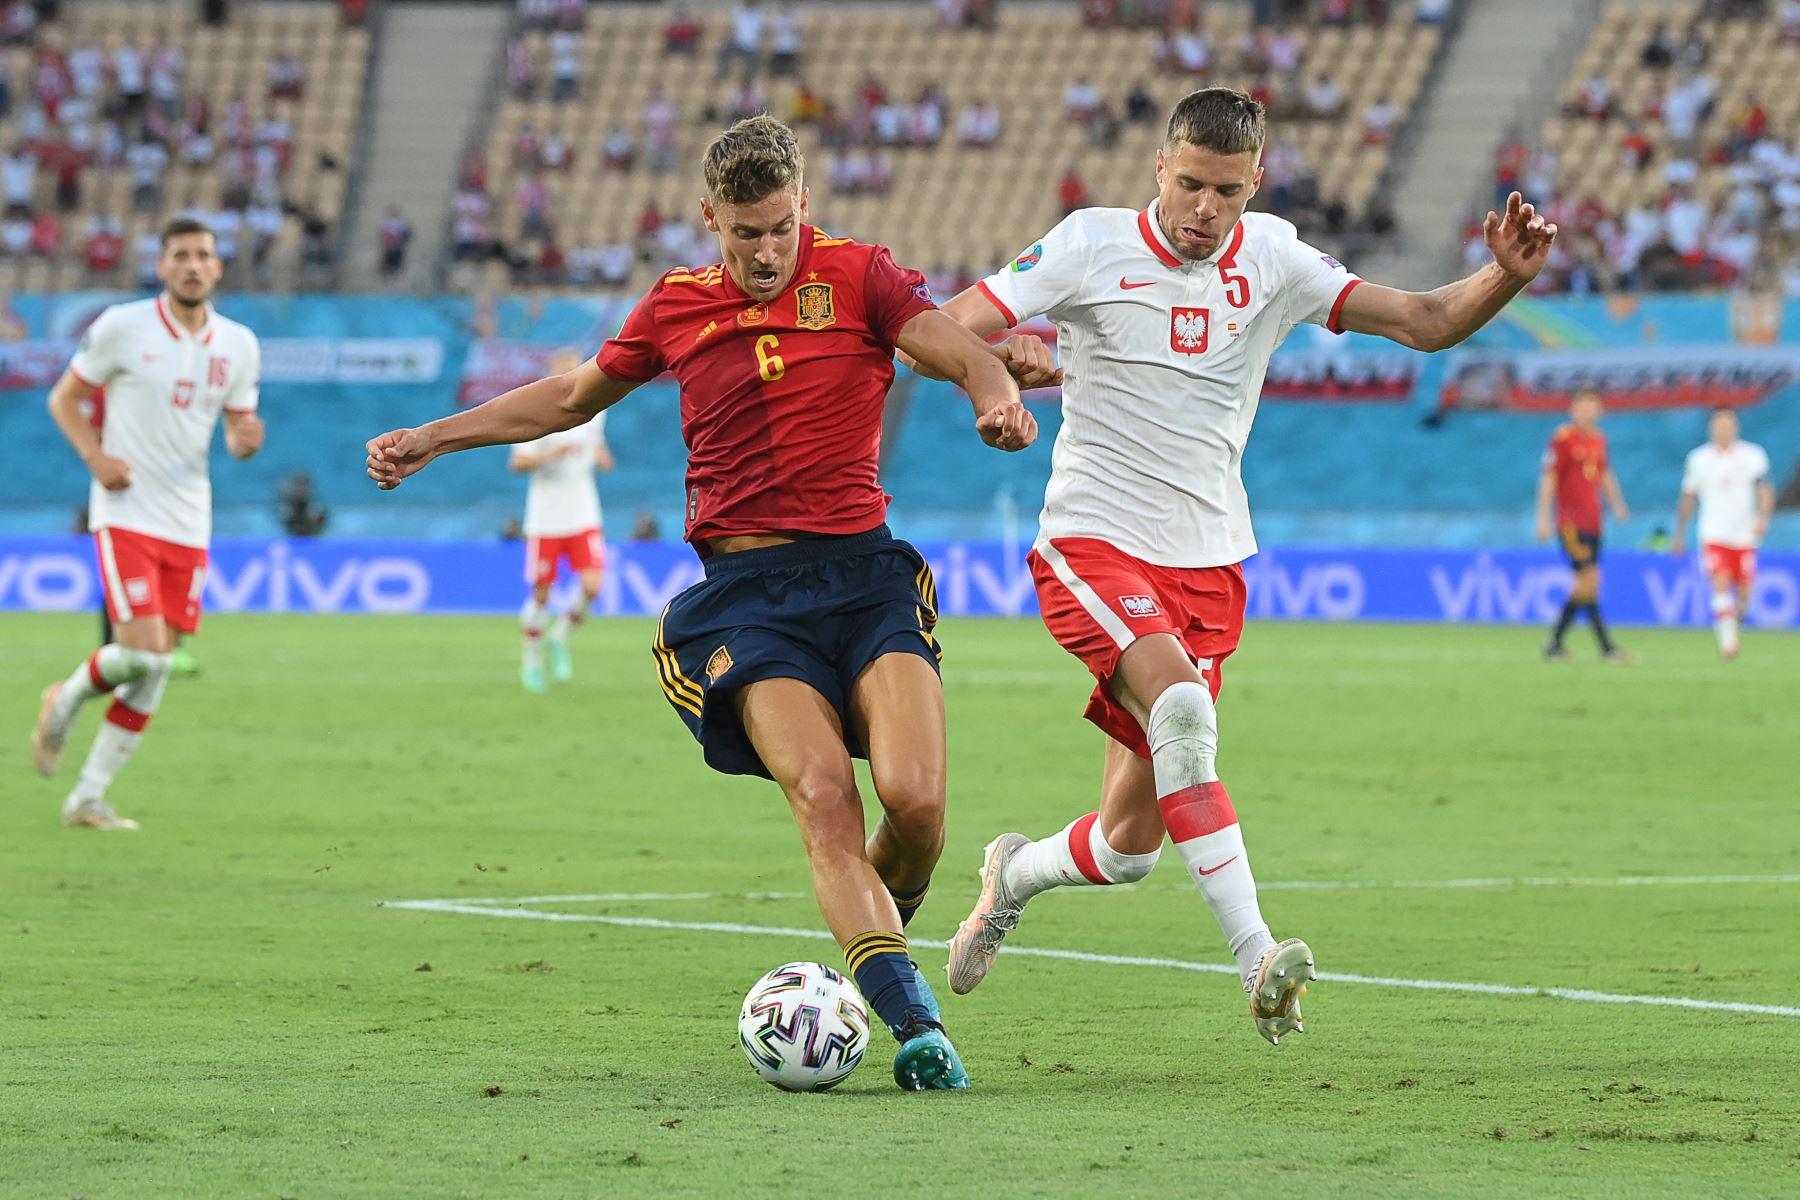 El mediocampista español Marcos Llorente está marcado por el defensor de Polonia Jan Bednarek (R) durante el partido de fútbol del Grupo E de la UEFA EURO 2020 entre España y Polonia en el Estadio La Cartuja en Sevilla, España. Foto: AFP